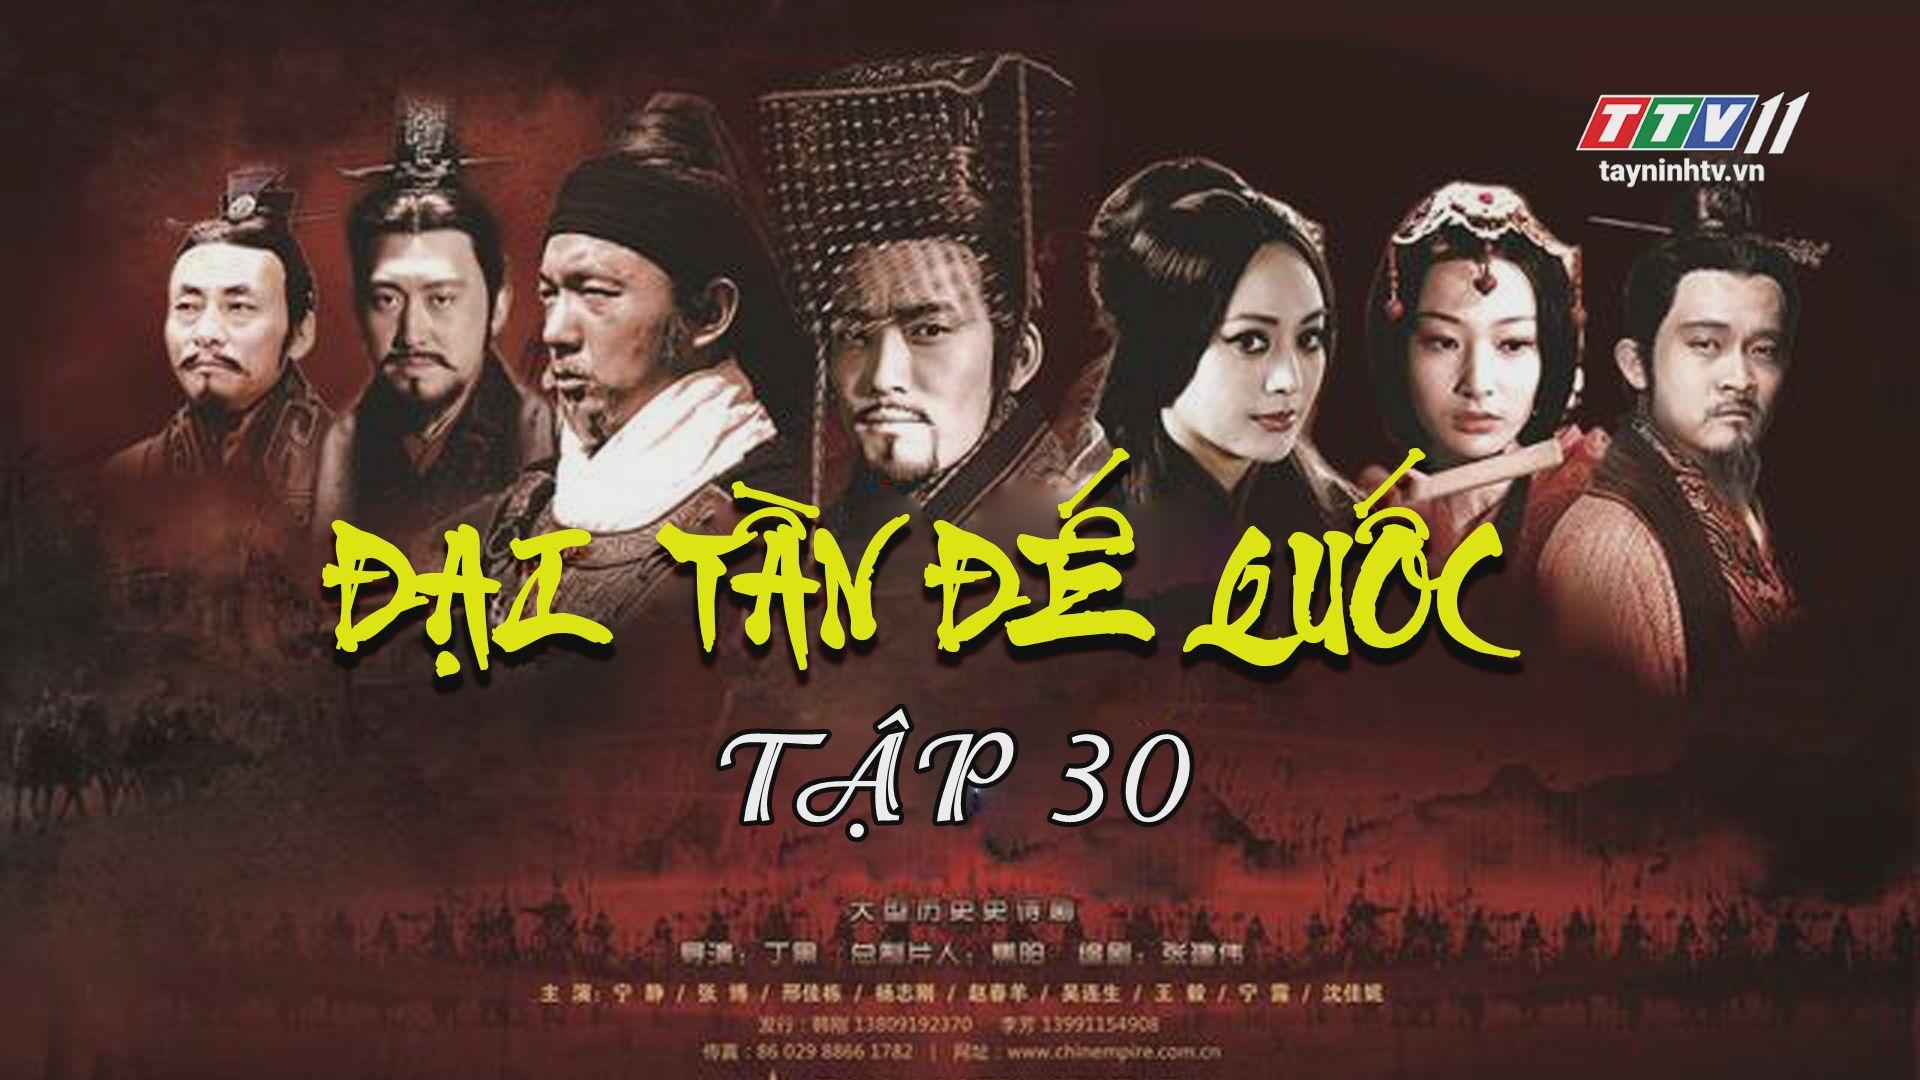 Tập 30 | ĐẠI TẦN ĐẾ QUỐC - Phần 3 - QUẬT KHỞI - FULL HD | TayNinhTV